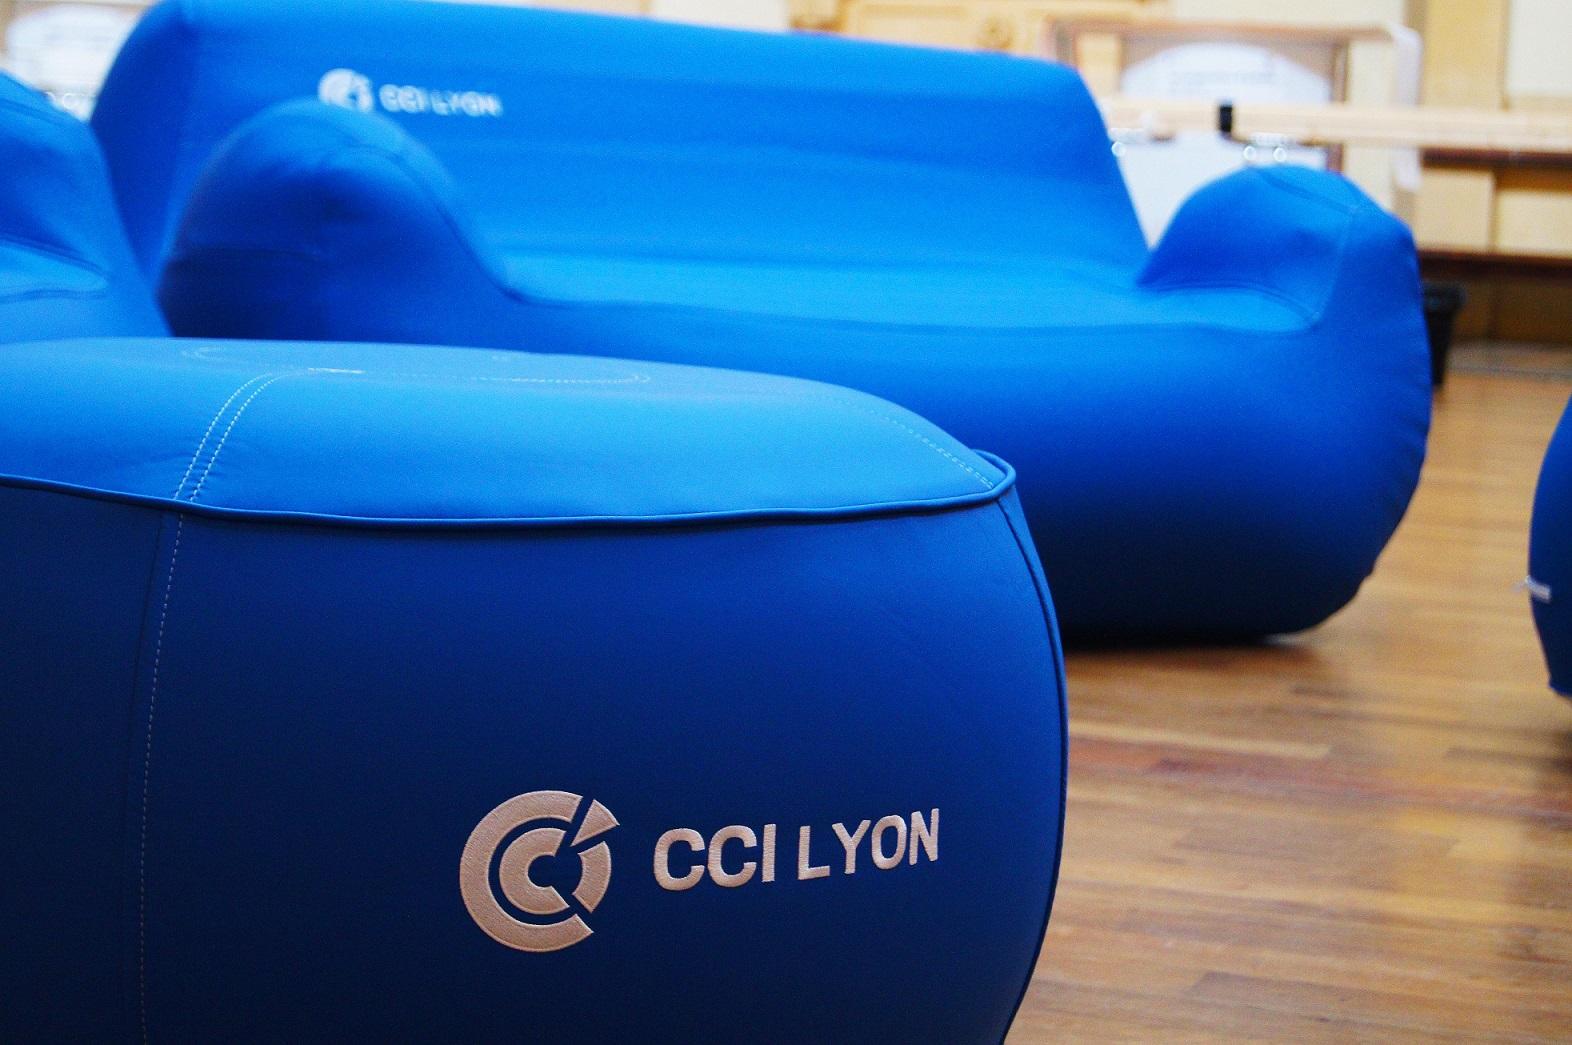 mobilier personnalisable gonflable UNC Pro evenement